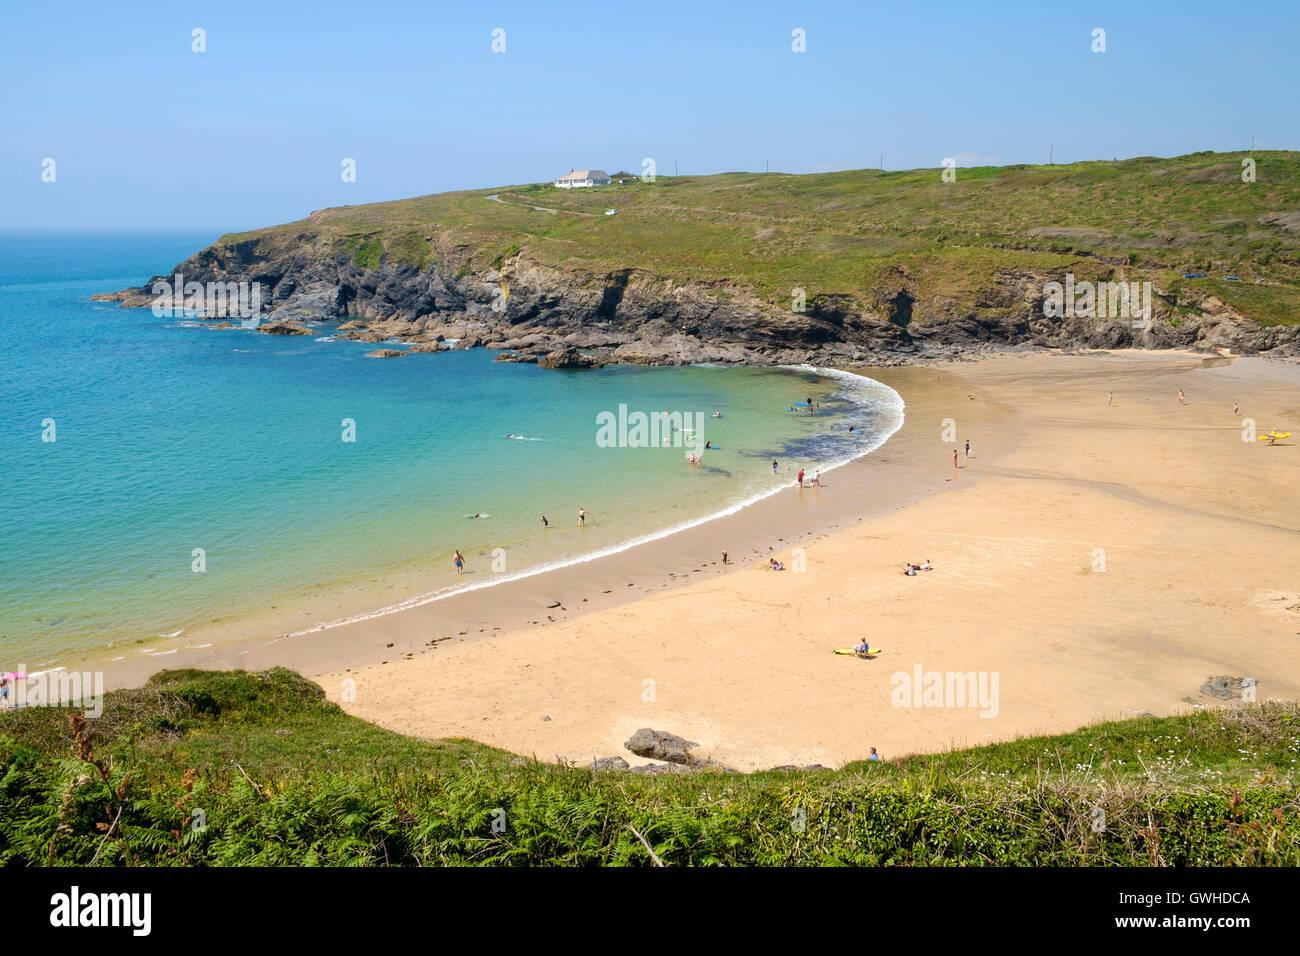 La playa de Poldhu Cove, Mainel, Cornualles, en la península de Lizard, Inglaterra, Reino Unido playas en verano Imagen De Stock